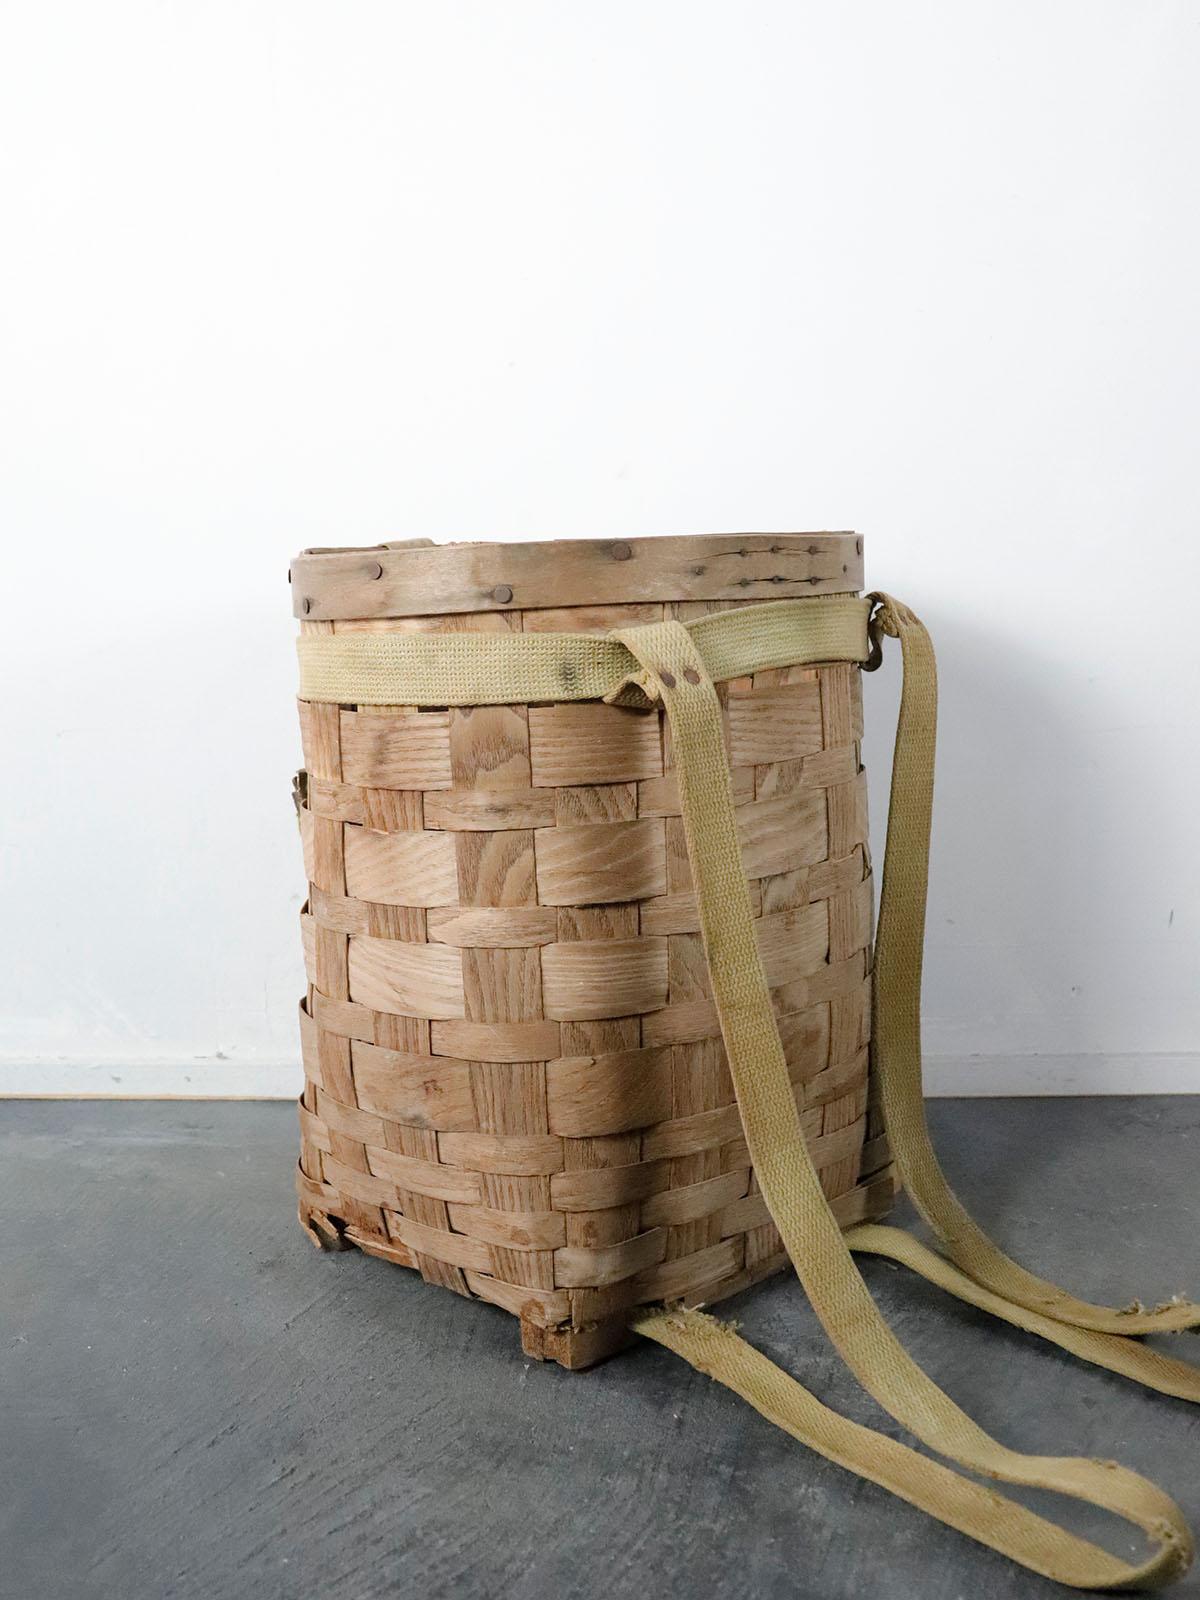 wood basket back pack,usa,vinatge,damaged